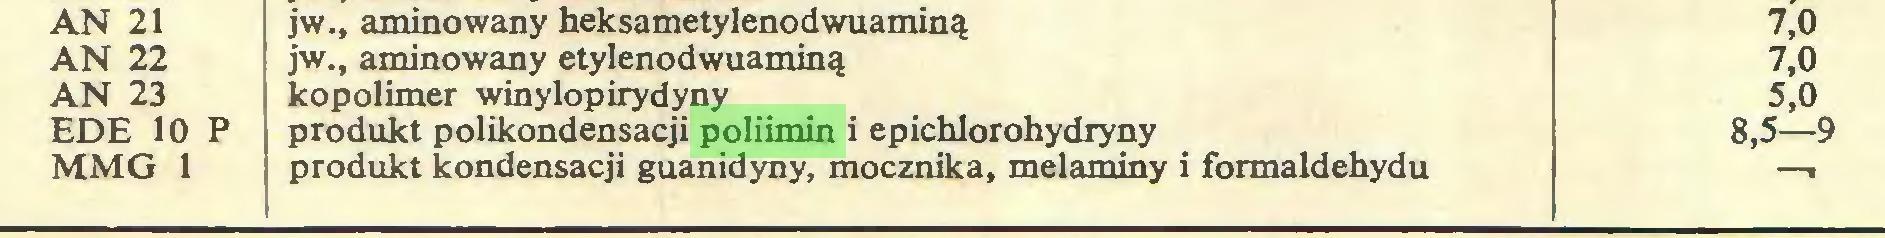 (...) AN 21 jw., aminowany heksametylenodwuaminą 7,0 AN 22 jw., aminowany etylenodwuaminą 7,0 AN 23 kopolimer winylopirydyny 5,0 EDE 10 P produkt polikondensacji poliimin i epichlorohydryny 8,5—9 MMG 1 produkt kondensacji guanidyny, mocznika, melaminy i formaldehydu «...